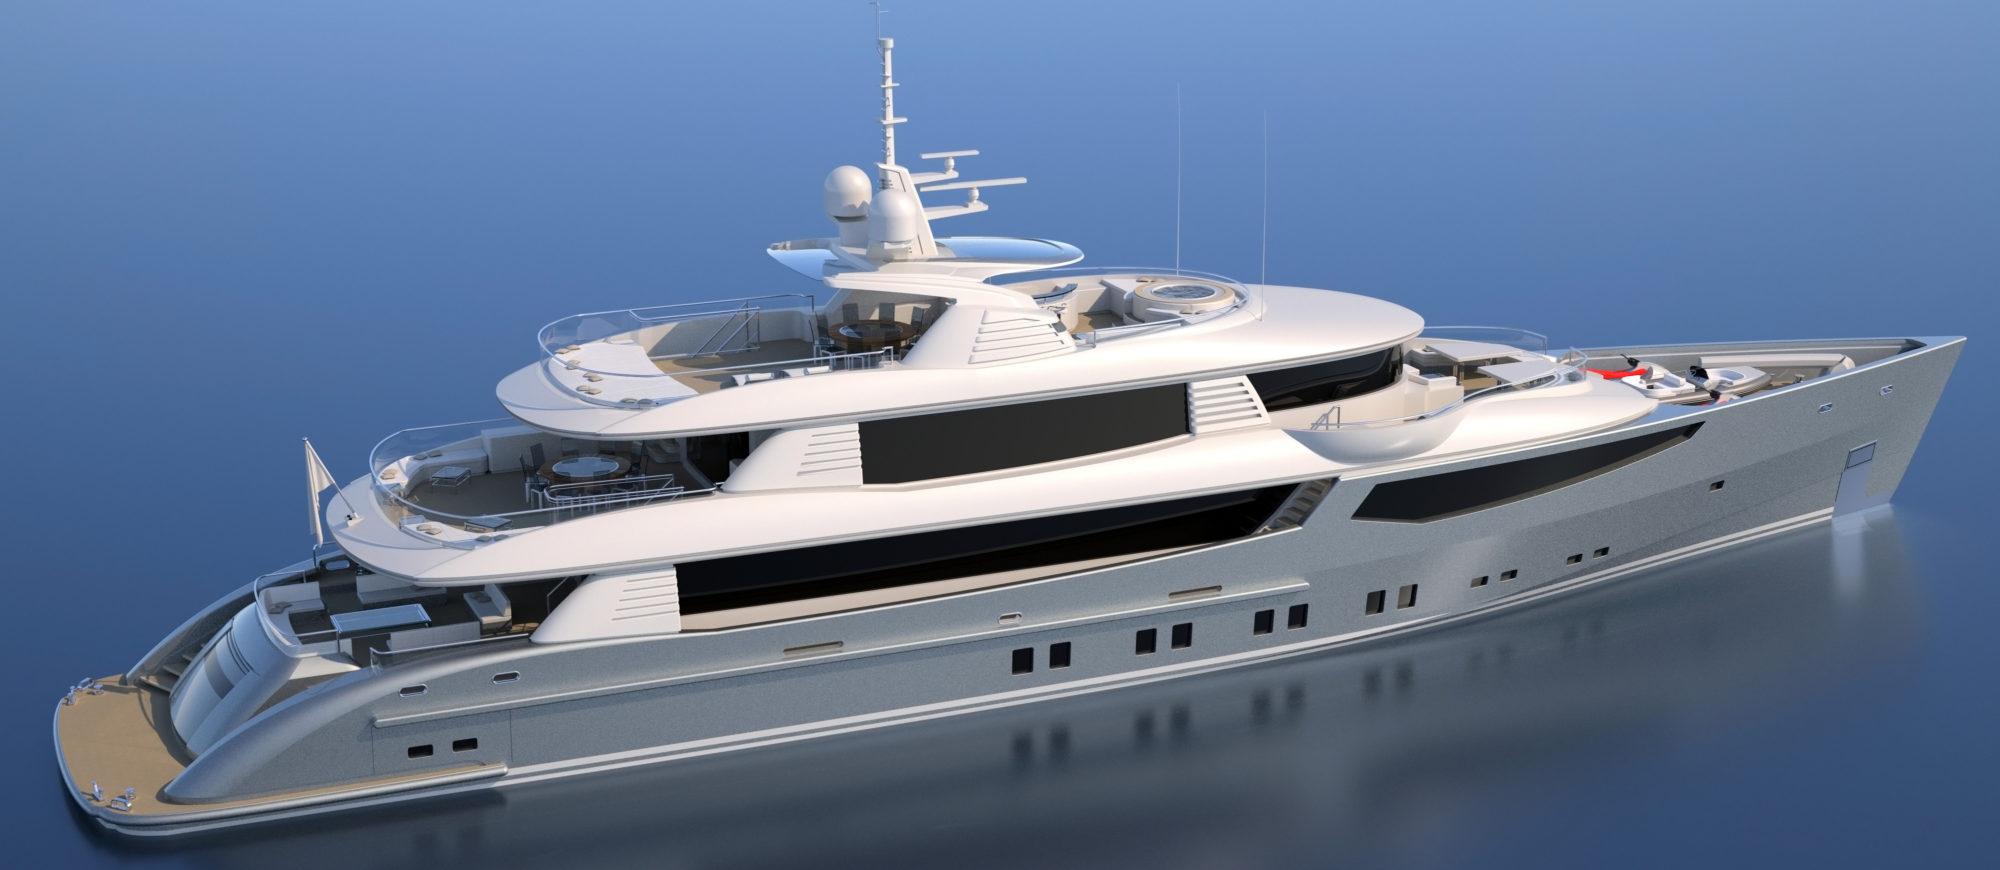 Conrad C166 Superyacht Concept Vallicelli Visualisation Exterior2